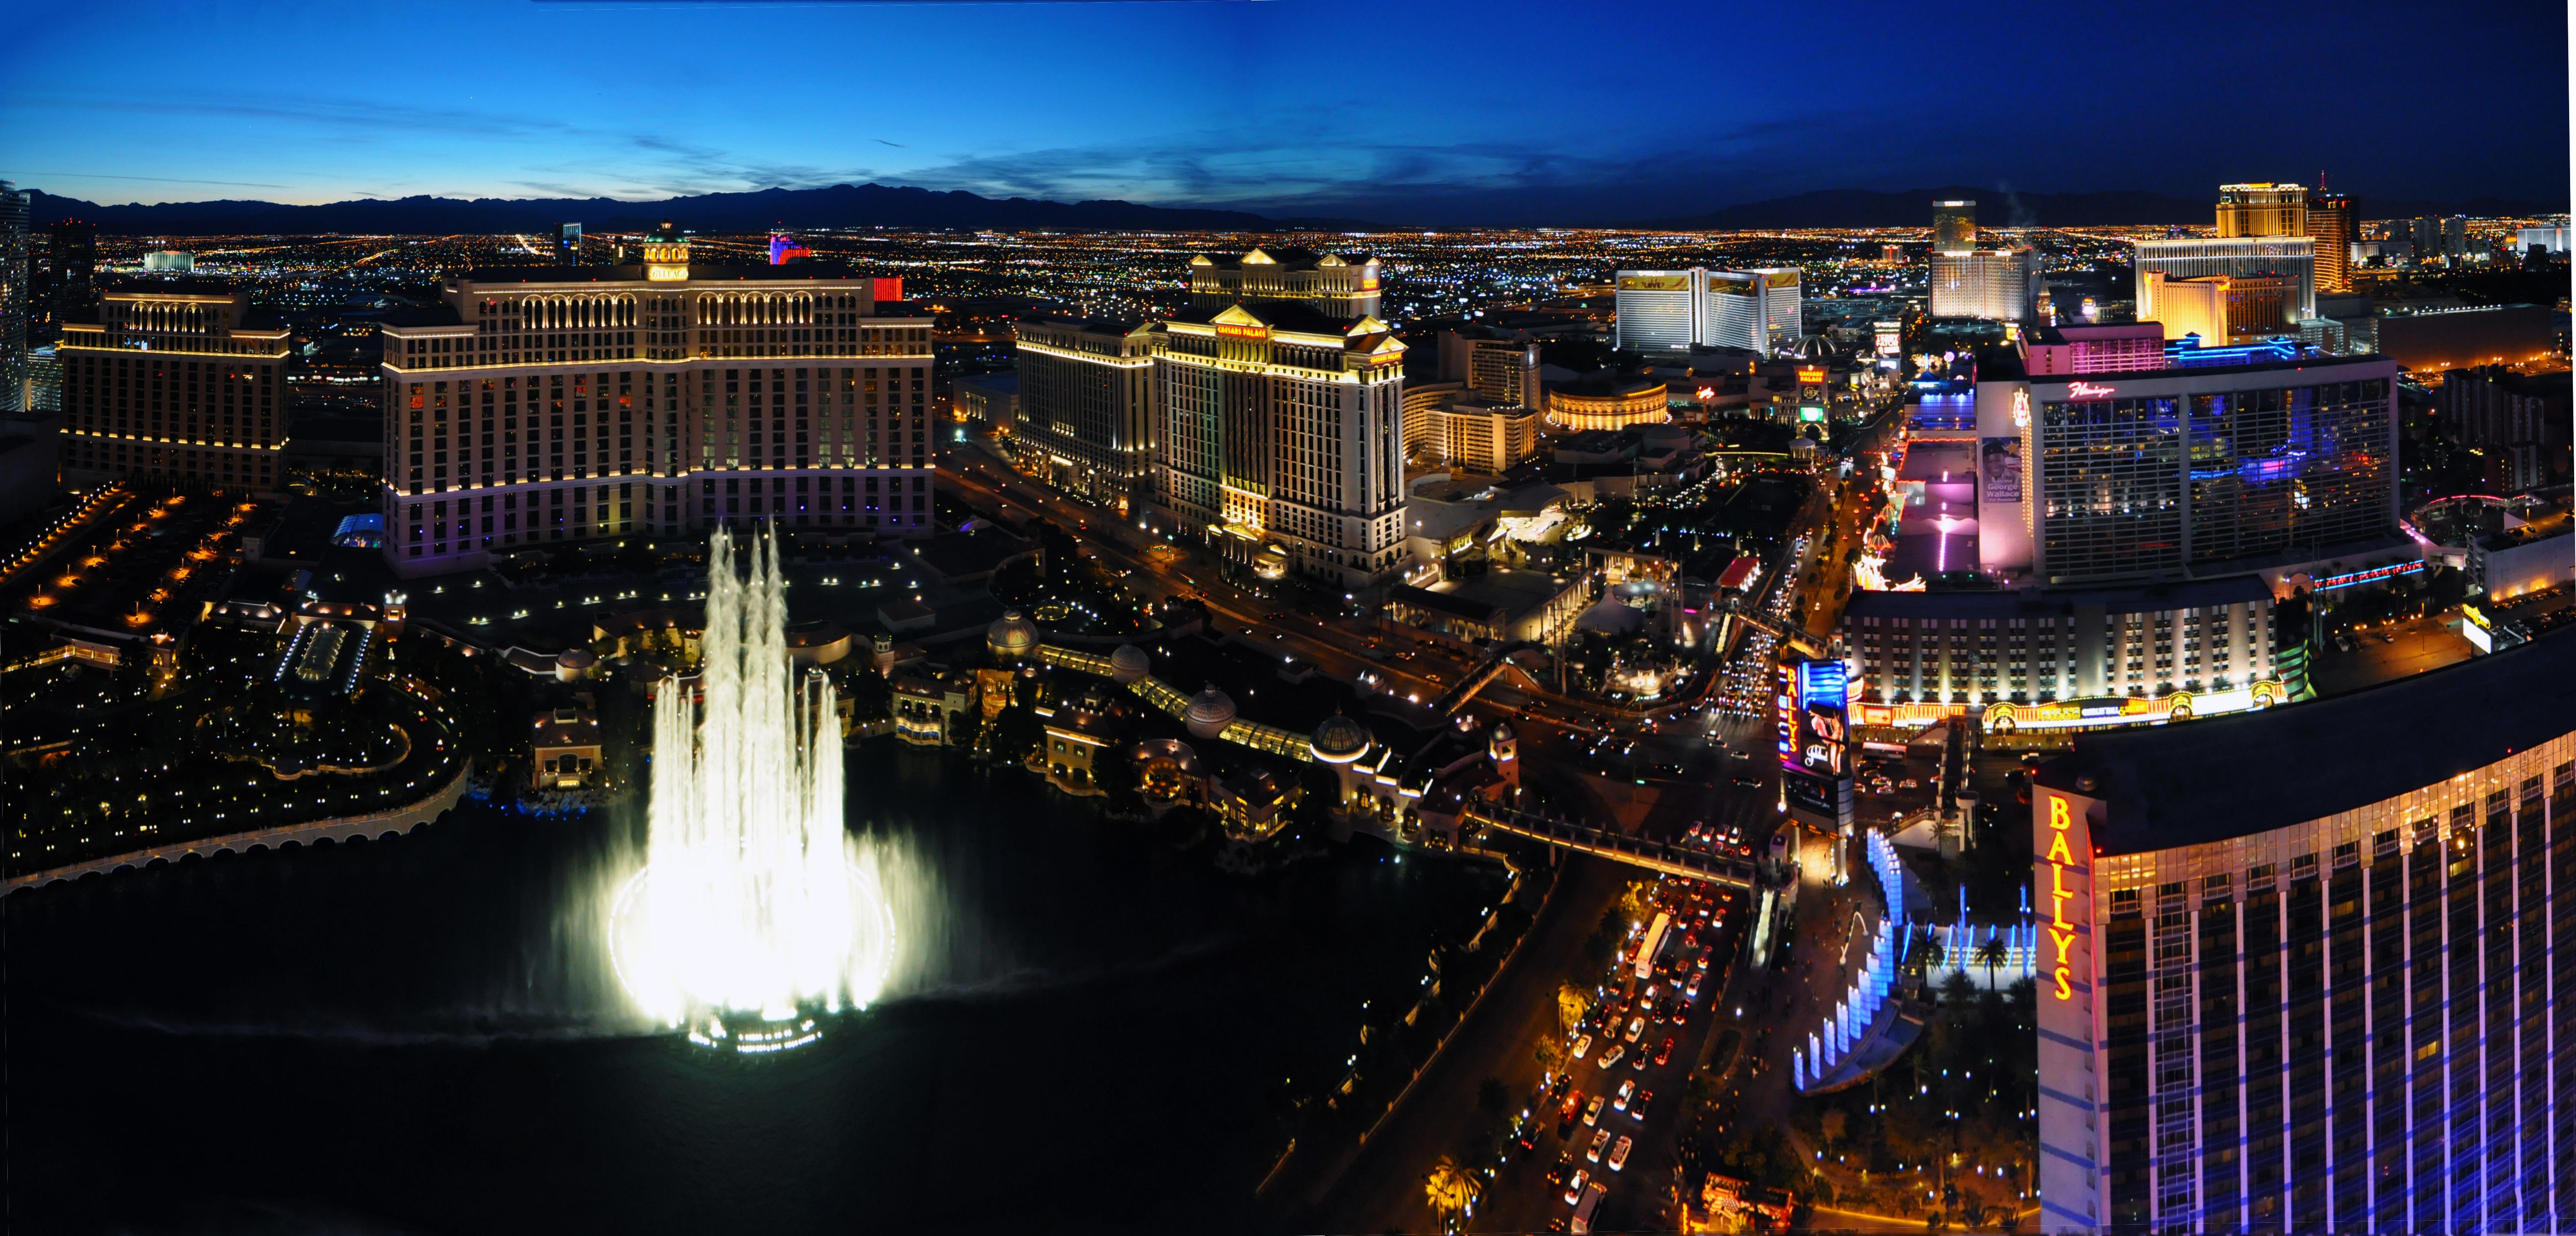 En el Strip se concentran la mayoría de casinos y hoteles